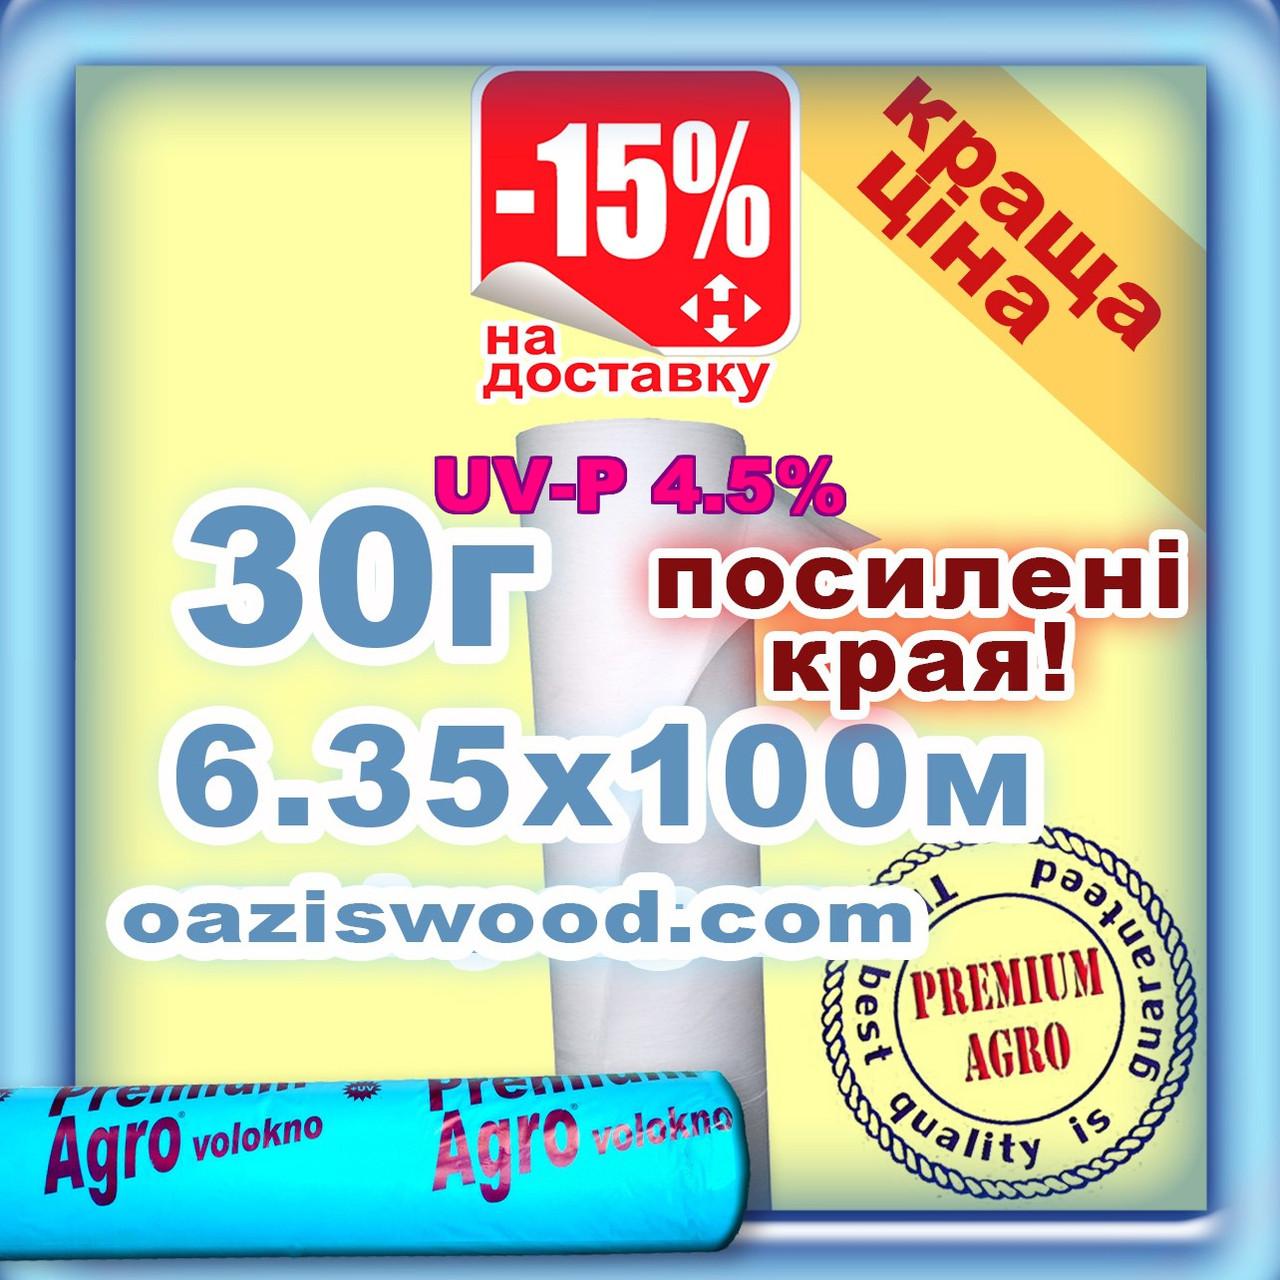 Агроволокно р-30g 6.35*100м белое UV-P 4.5% Premium-Agro Польша усиленные края